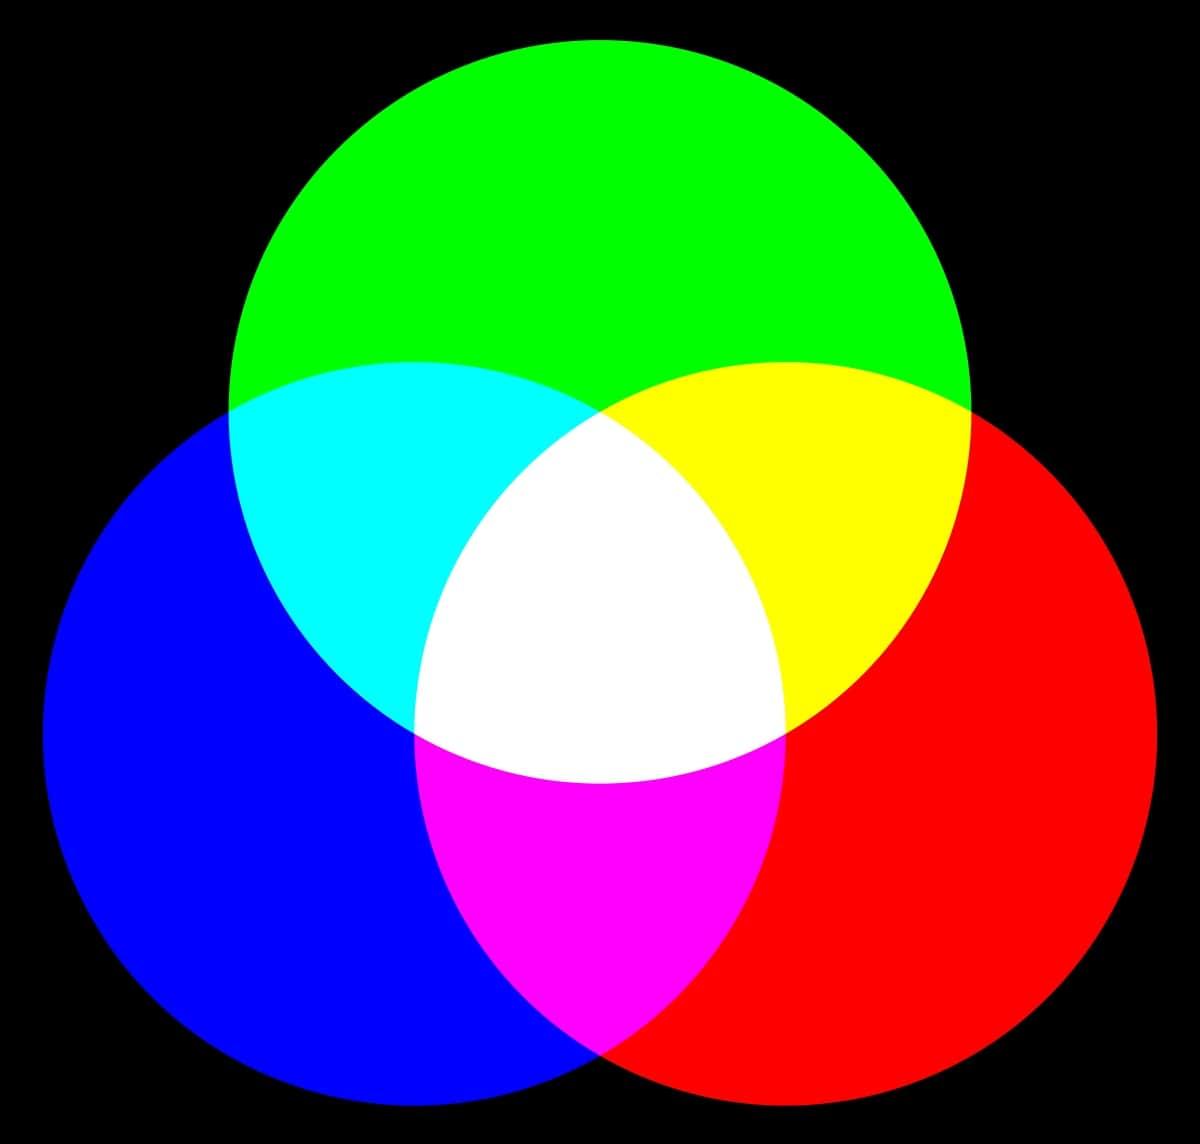 Hệ màu RGB